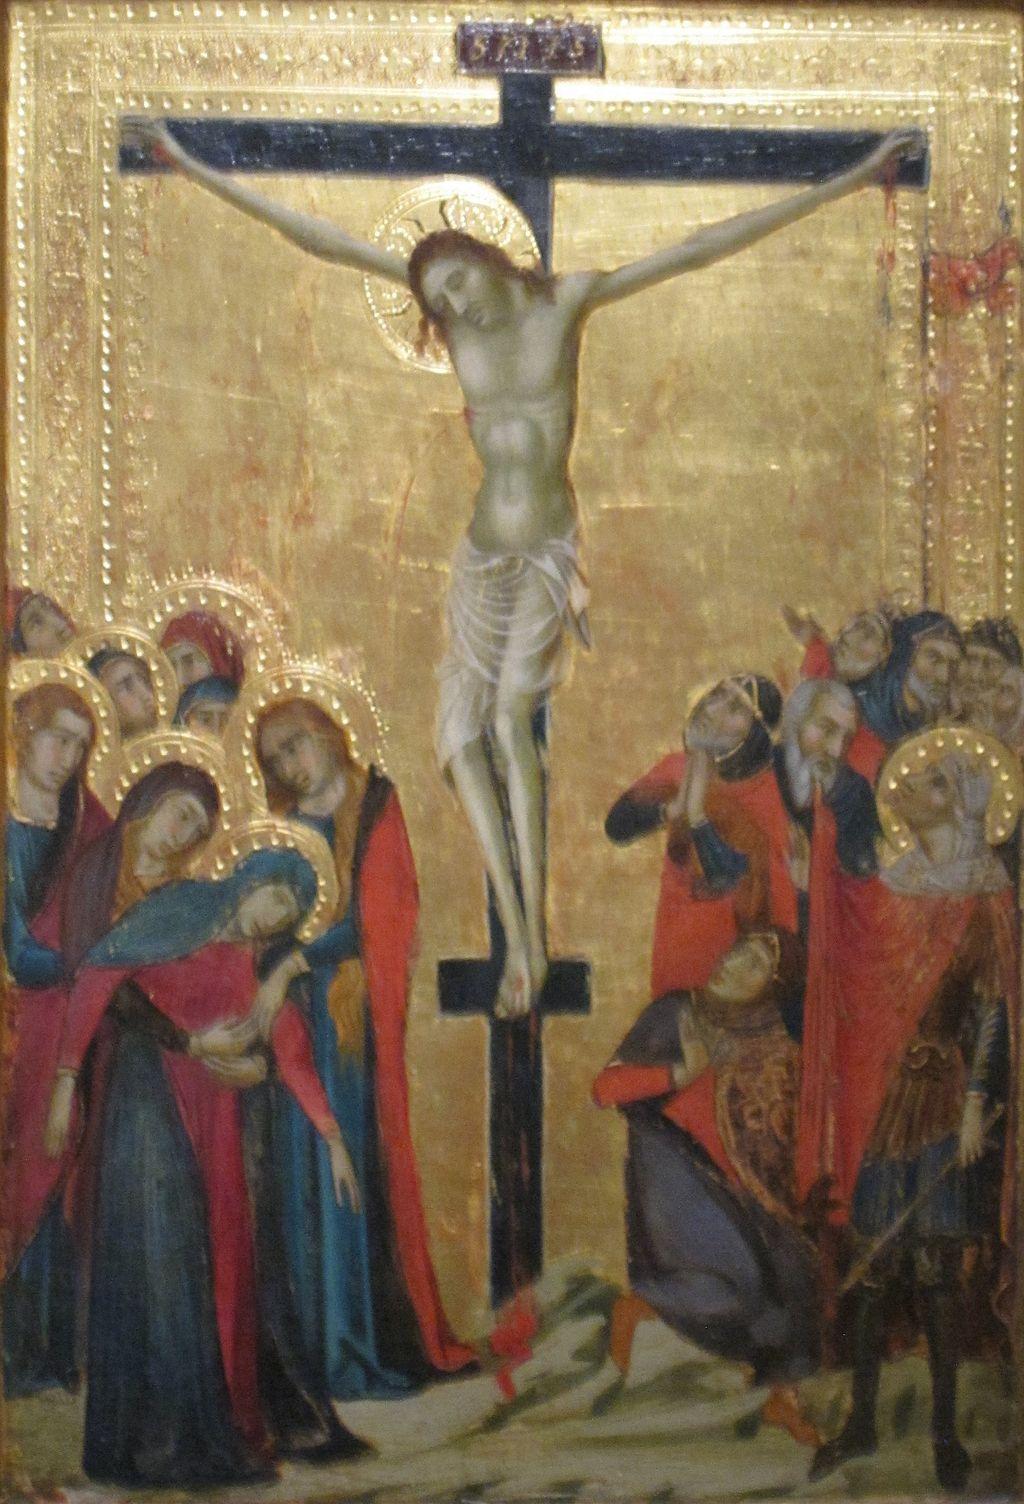 Master of Monte Oliveto, Crucifixion, circa 1310, tempera on panel, Cincinnati Art Museum